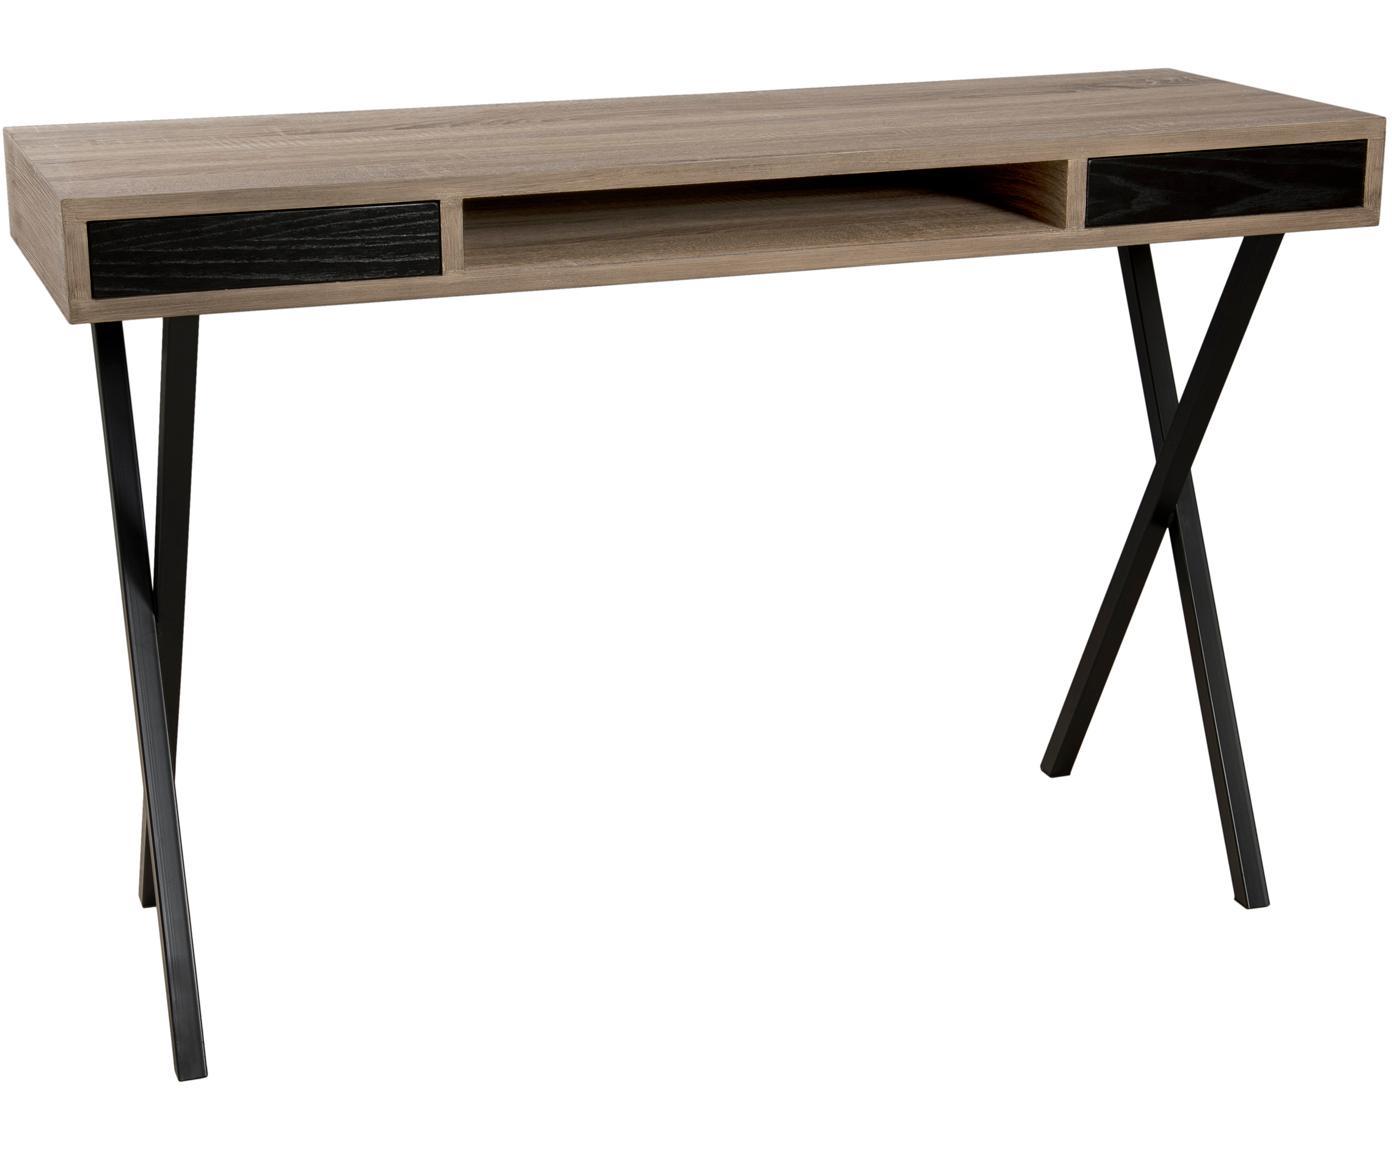 Wąskie biurko  z szufladami Julia, Korpus: płyta pilśniowa średniej , Stelaż: metal lakierowany, Drewno tekowe, czarny, S 120 x G 40 cm